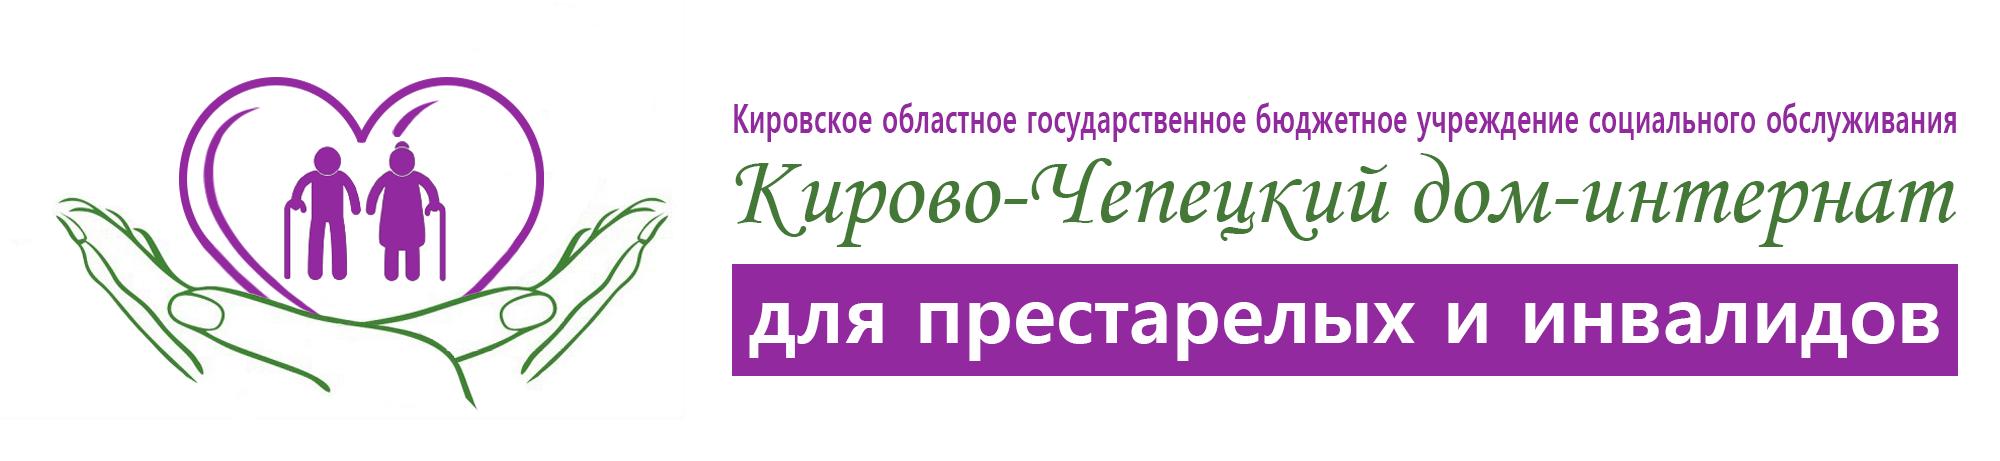 Кирово-Чепецкий дом-интернат